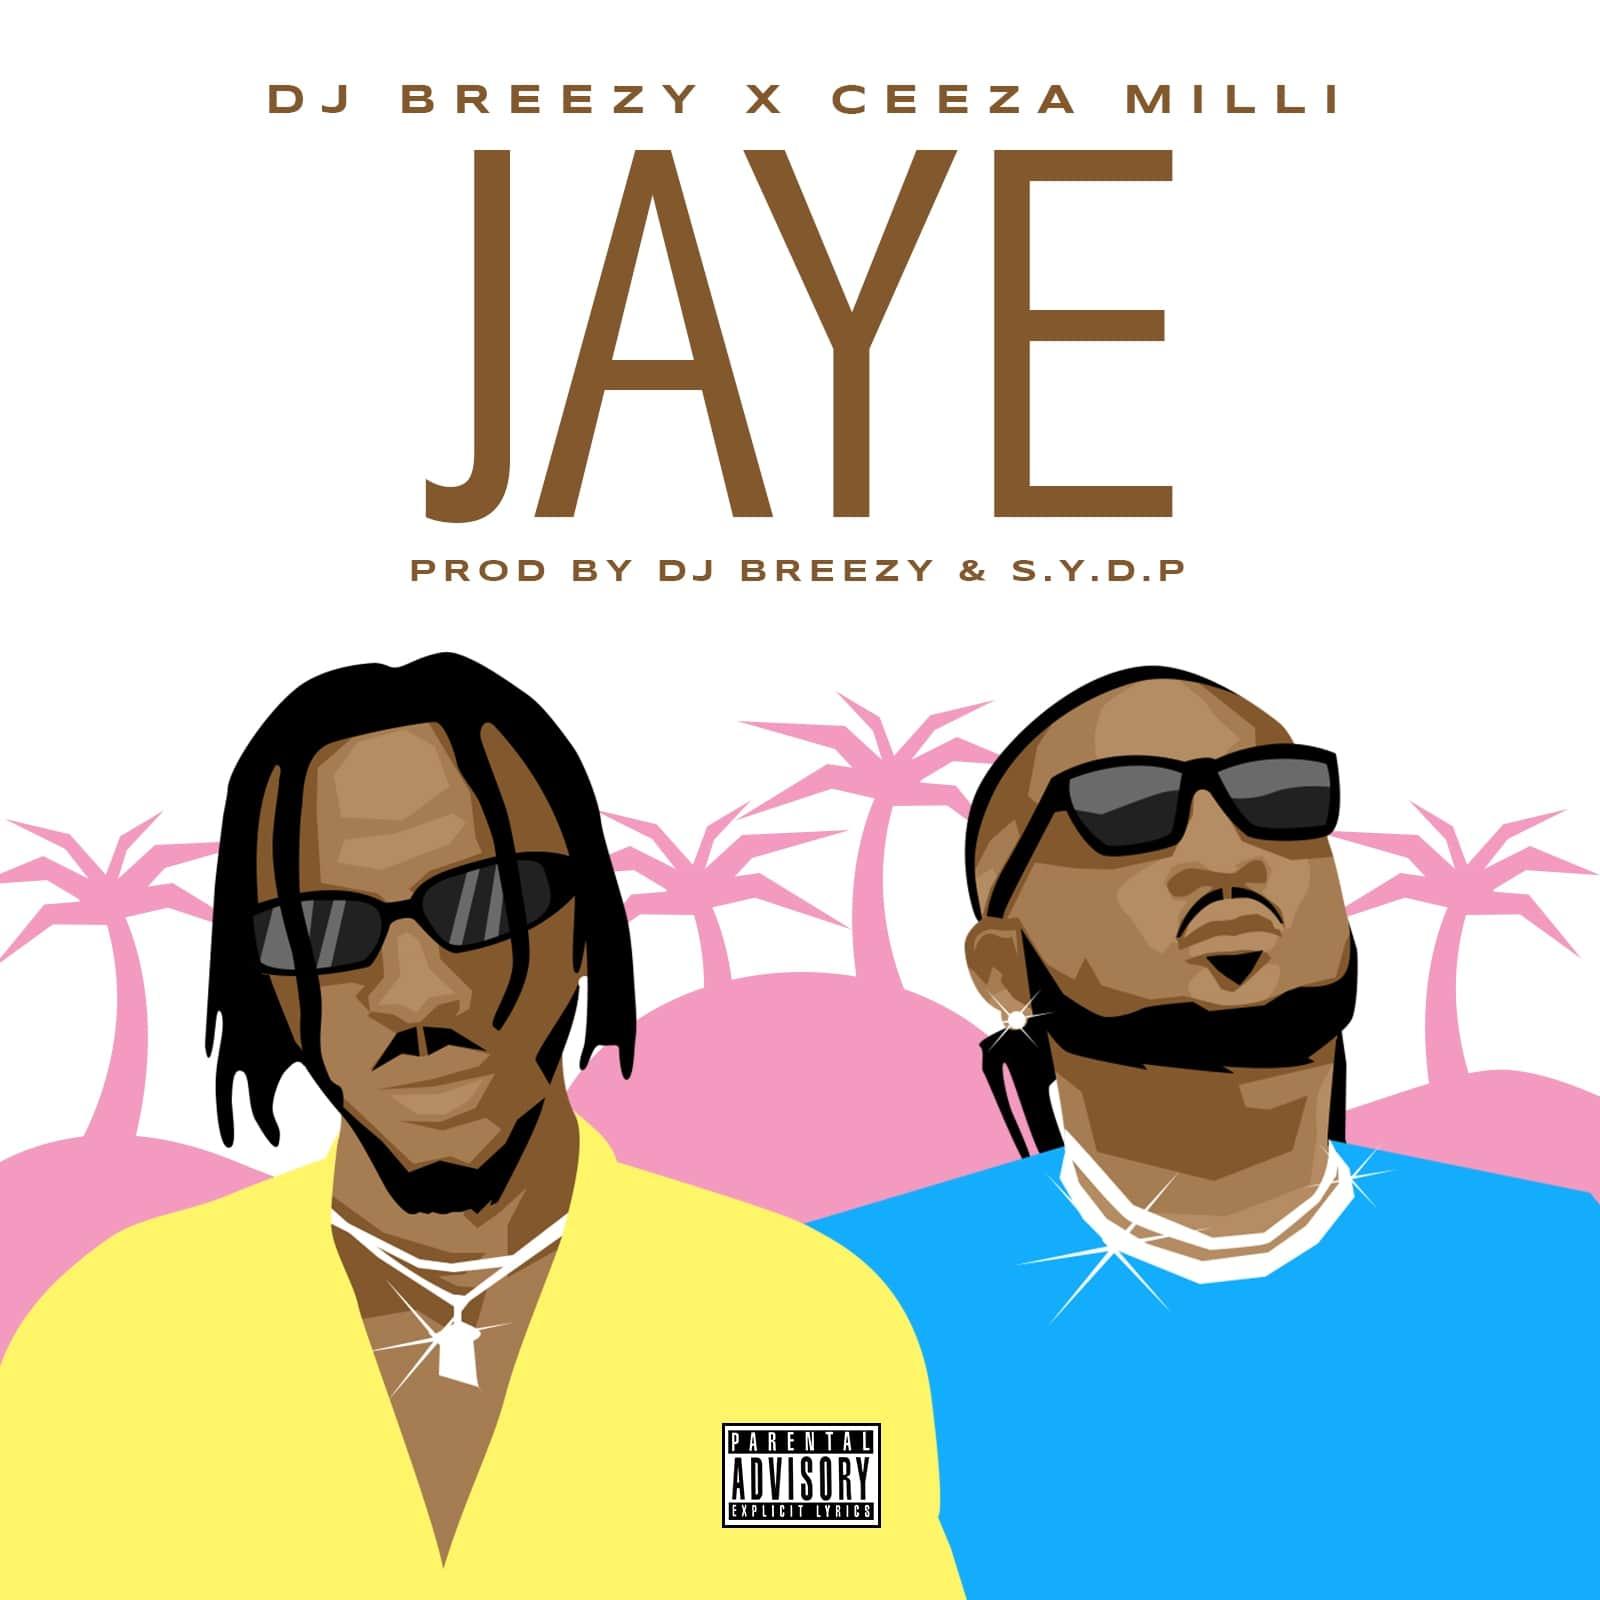 DJ Breezy x Ceeza Milli - JAYE (prod. DJ Breezy & S.Y.D.P)